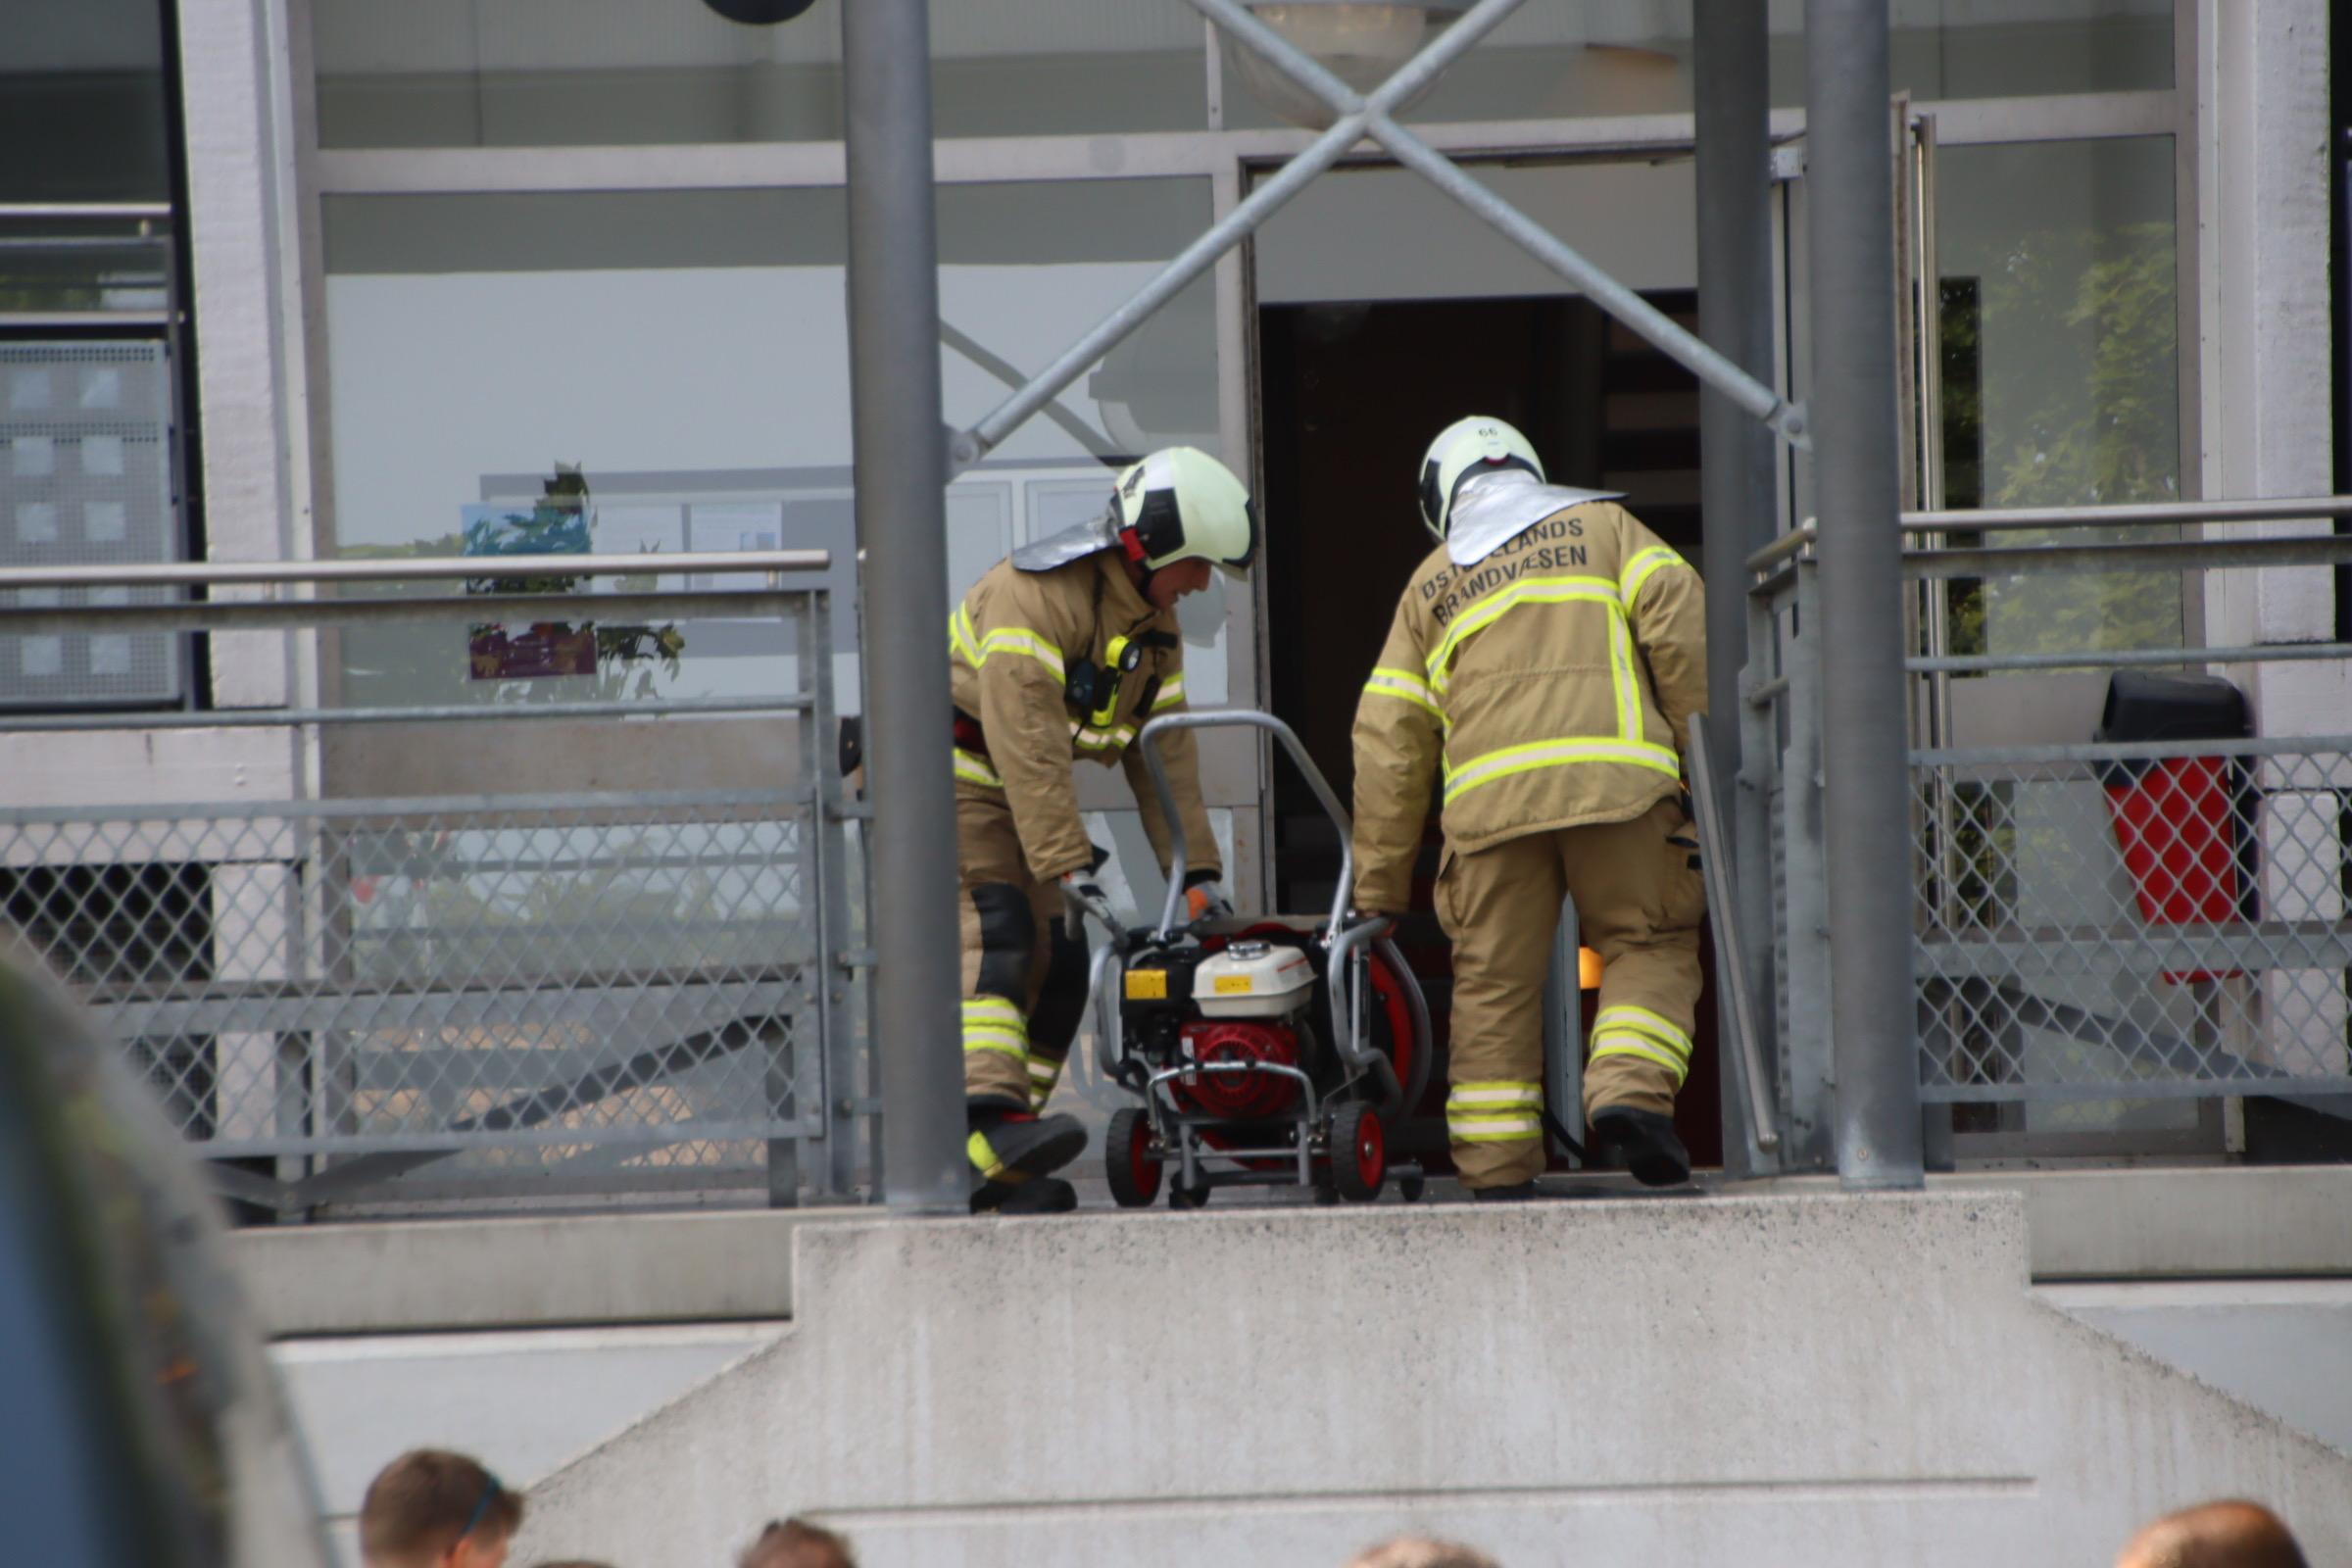 Lejlighedsbrand i Gellerupparken - Aarhus